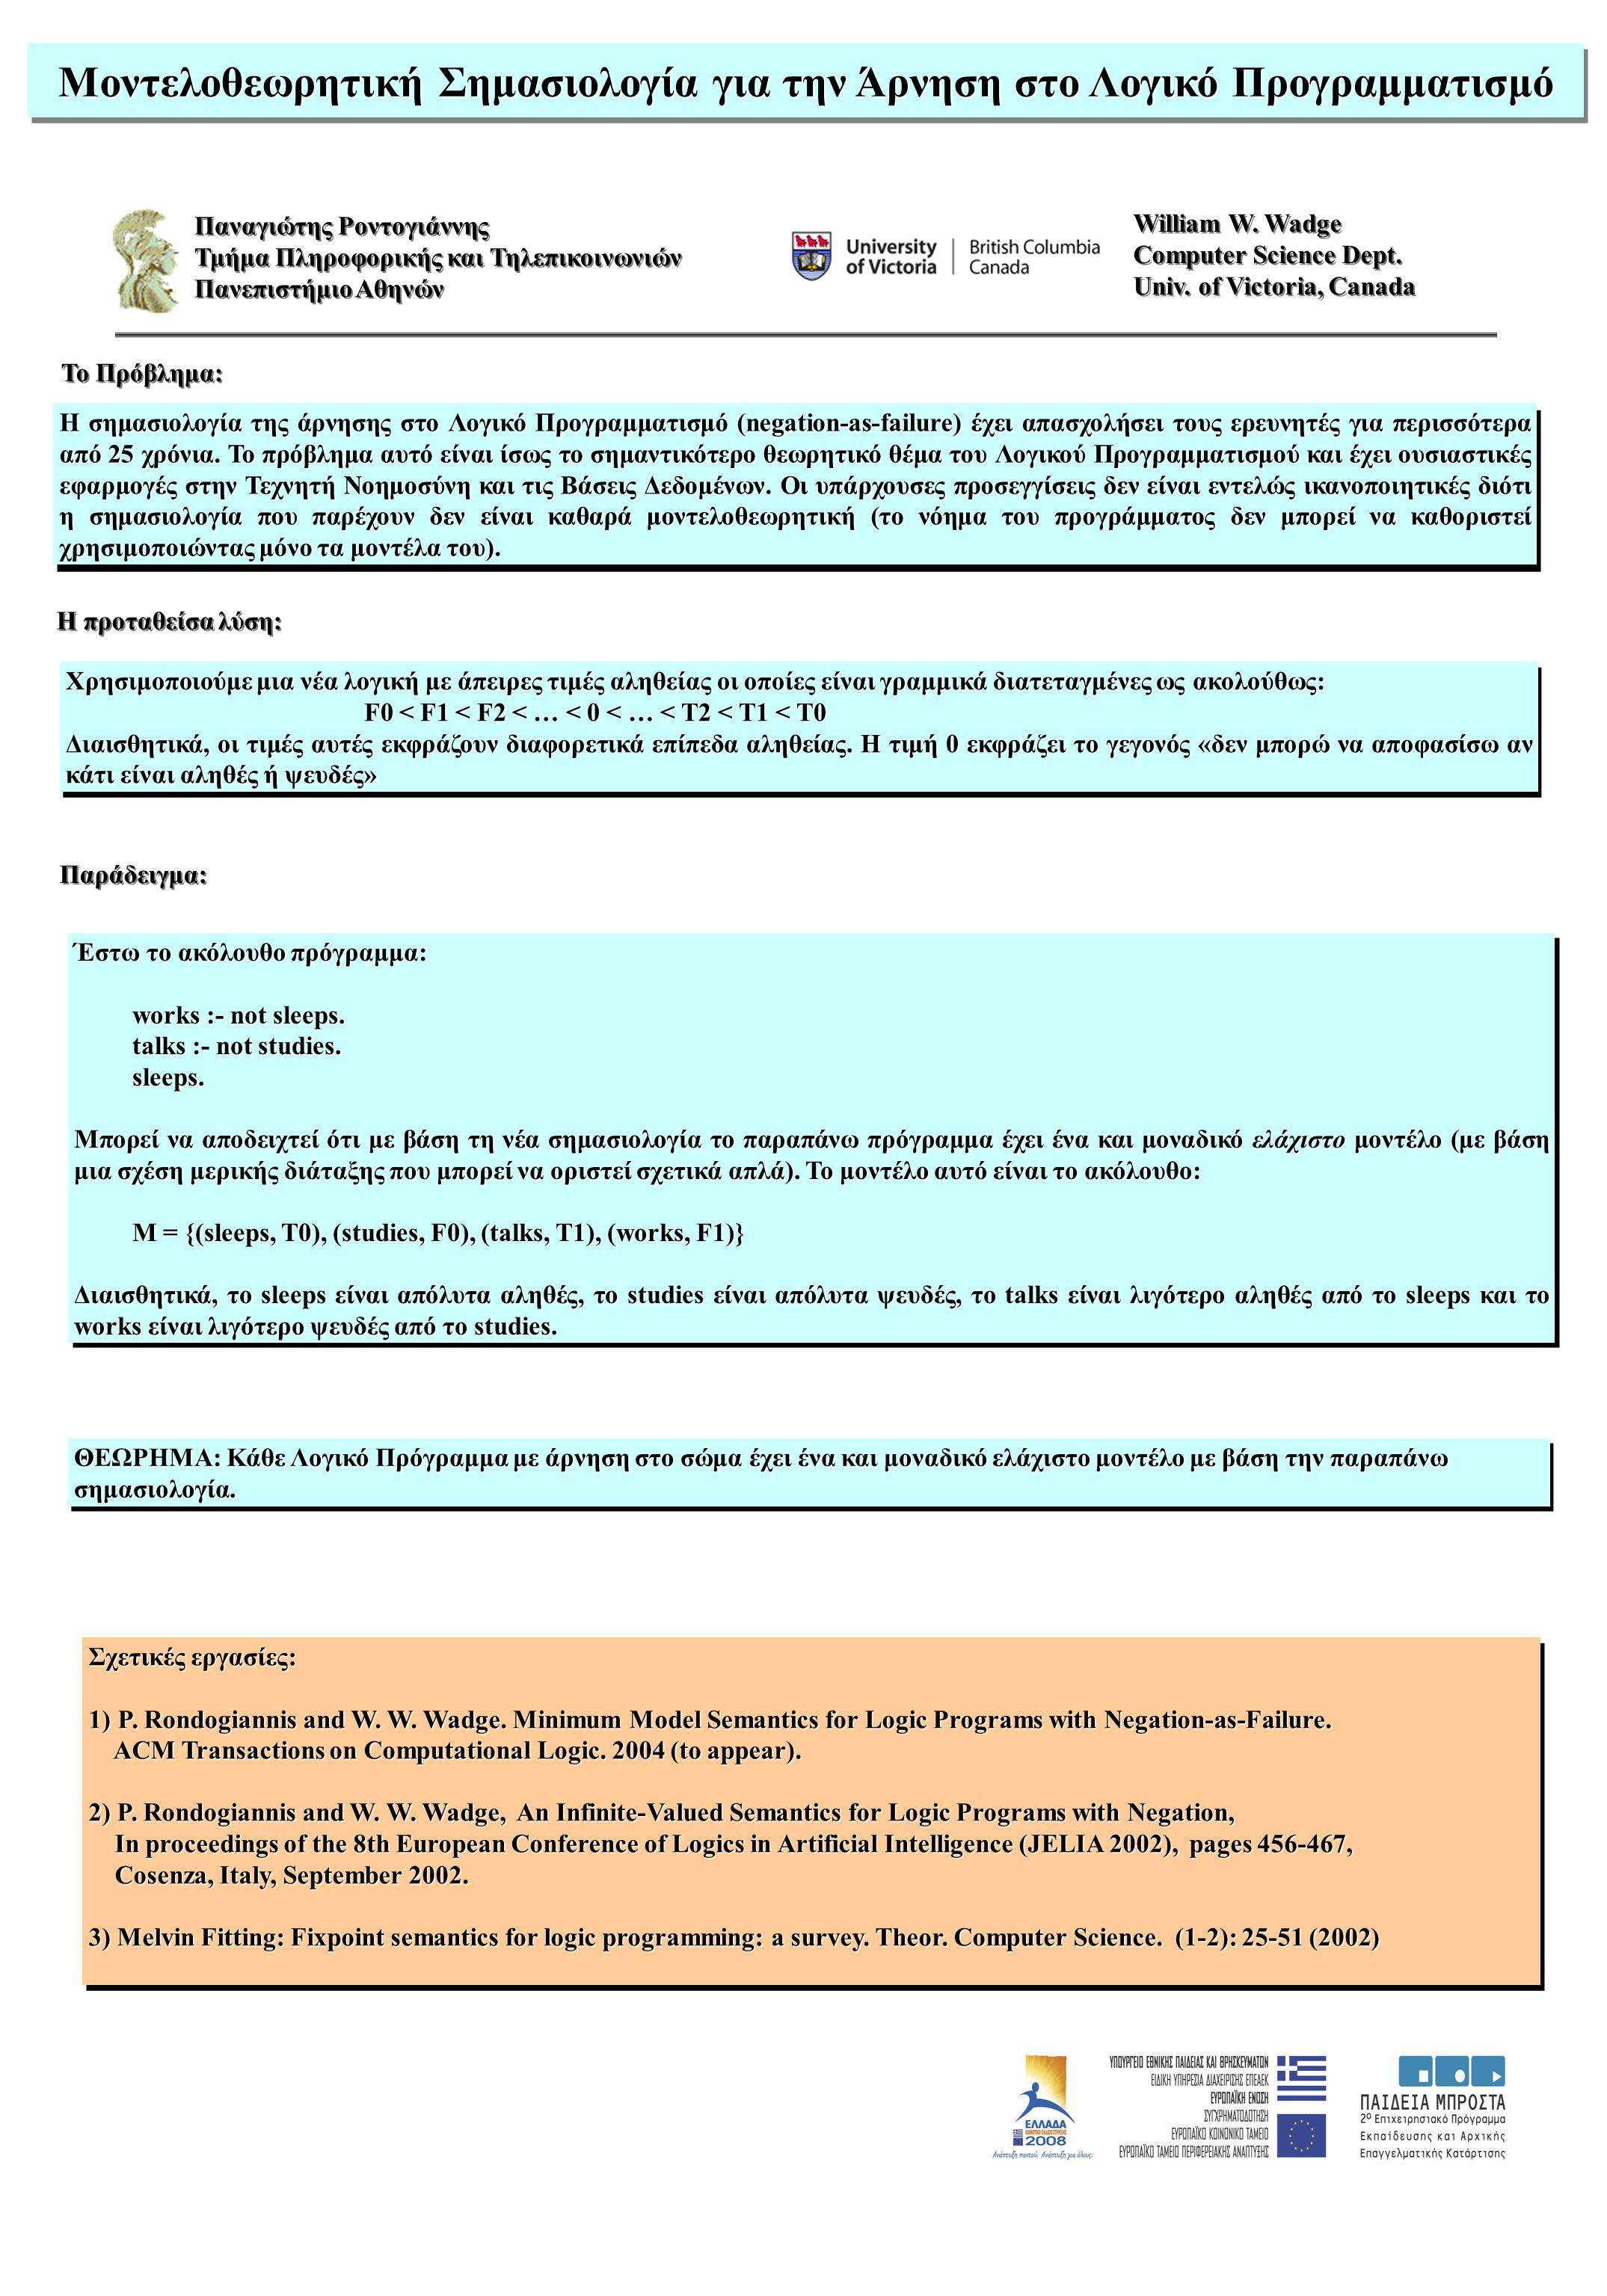 Μοντελοθεωρητική Σημασιολογία για την Άρνηση στο Λογικό Προγραμματισμό Το Πρόβλημα: Η σημασιολογία της άρνησης στο Λογικό Προγραμματισμό (negation-as-